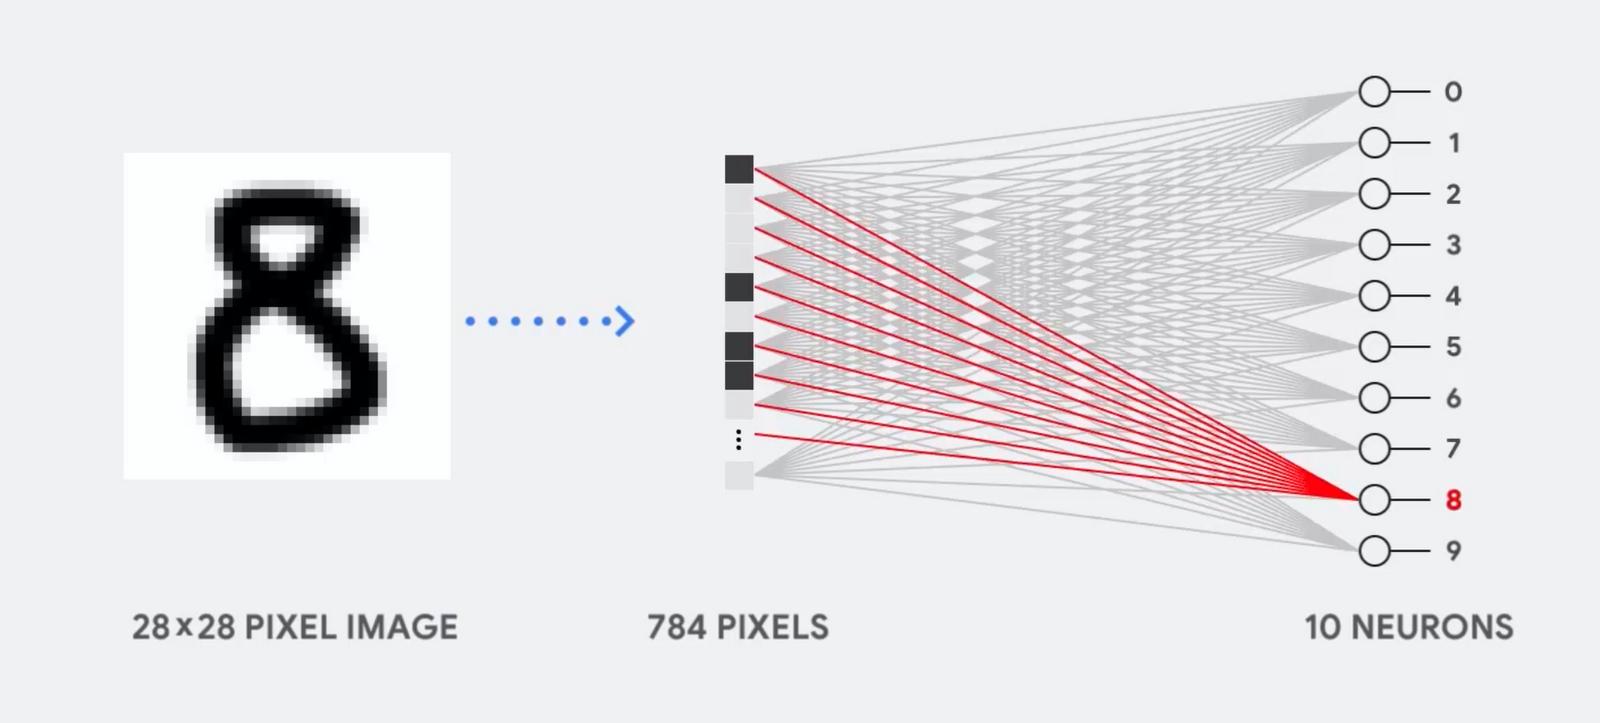 用于数字处理的神经网络的示意图